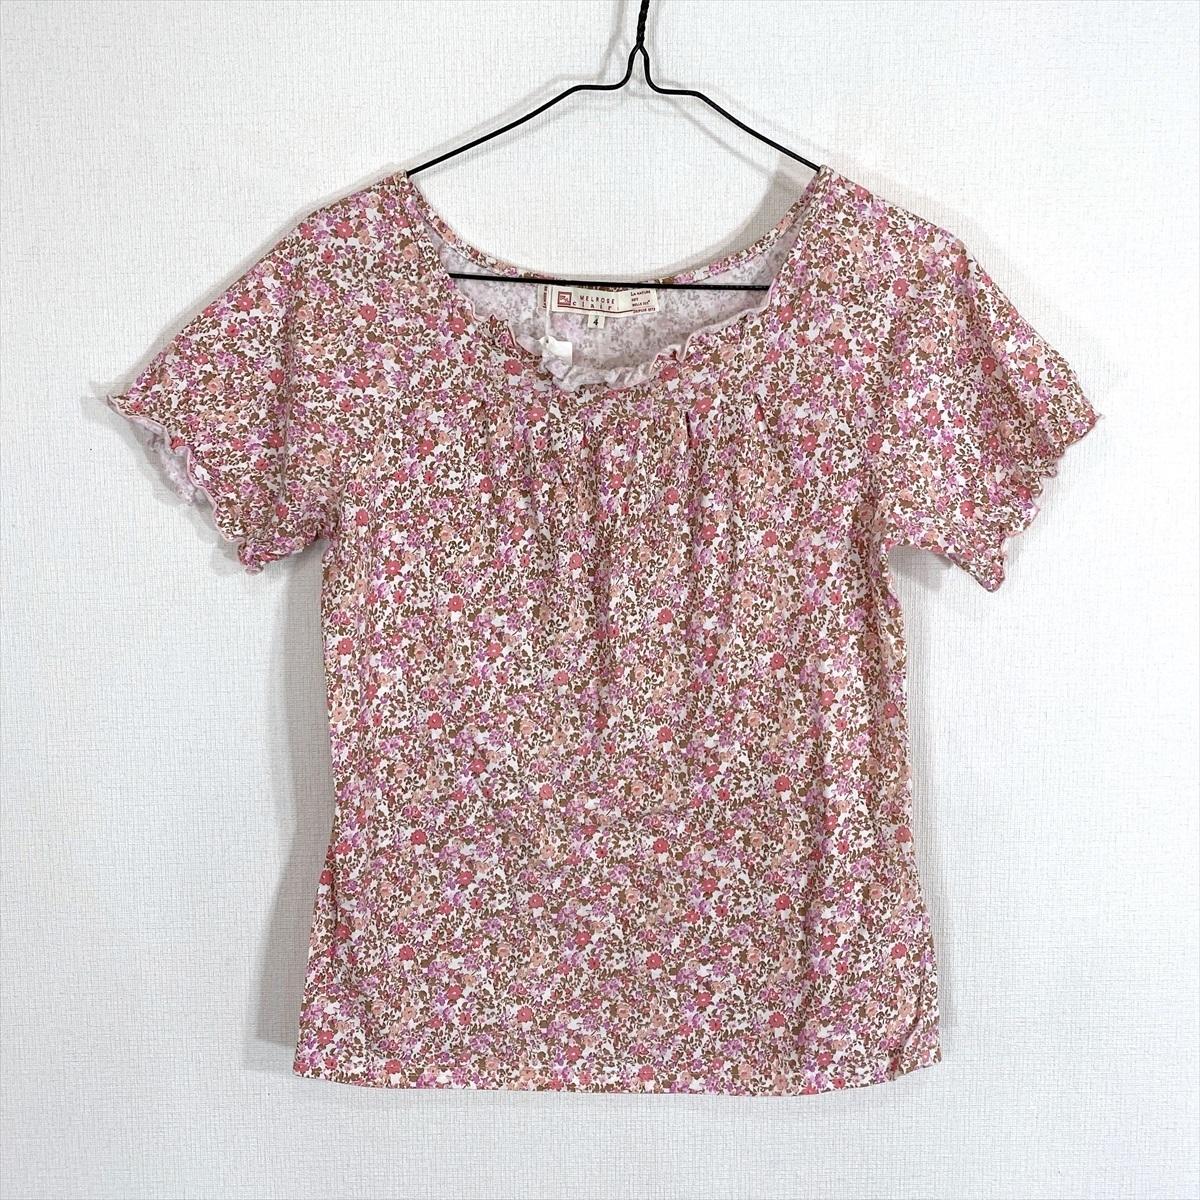 【送料250円】MELROSE メルローズ 花柄 柄物 ピンク 半袖 カットソー Tシャツ レディース 4【美品】_画像1